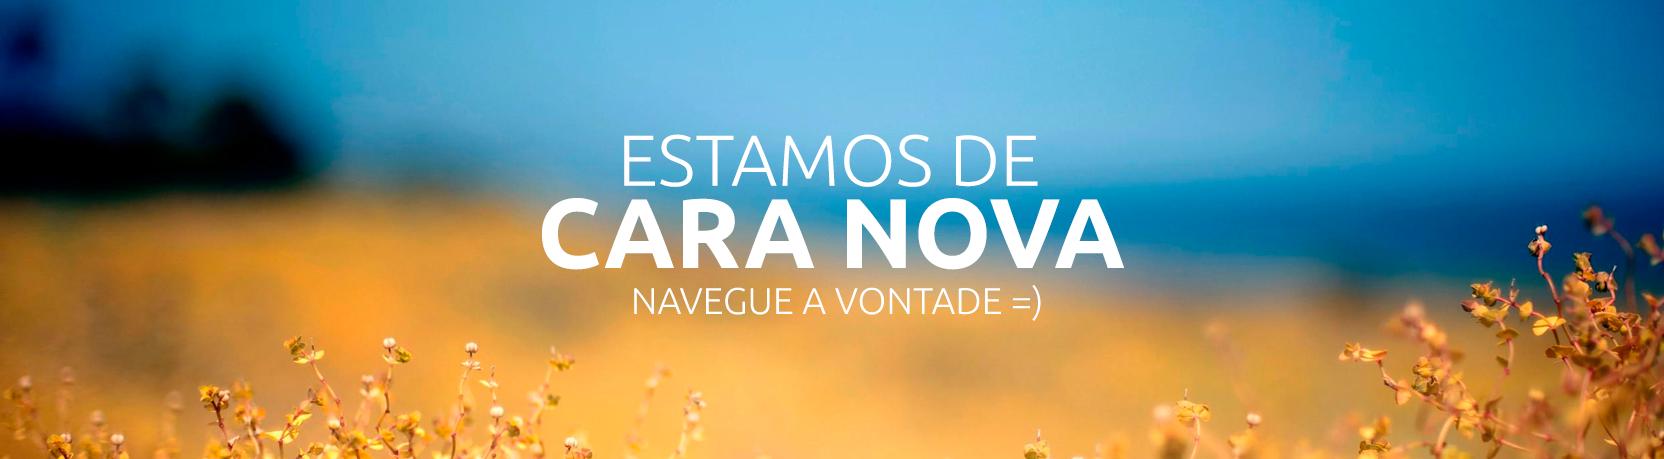 banner-apresentacao